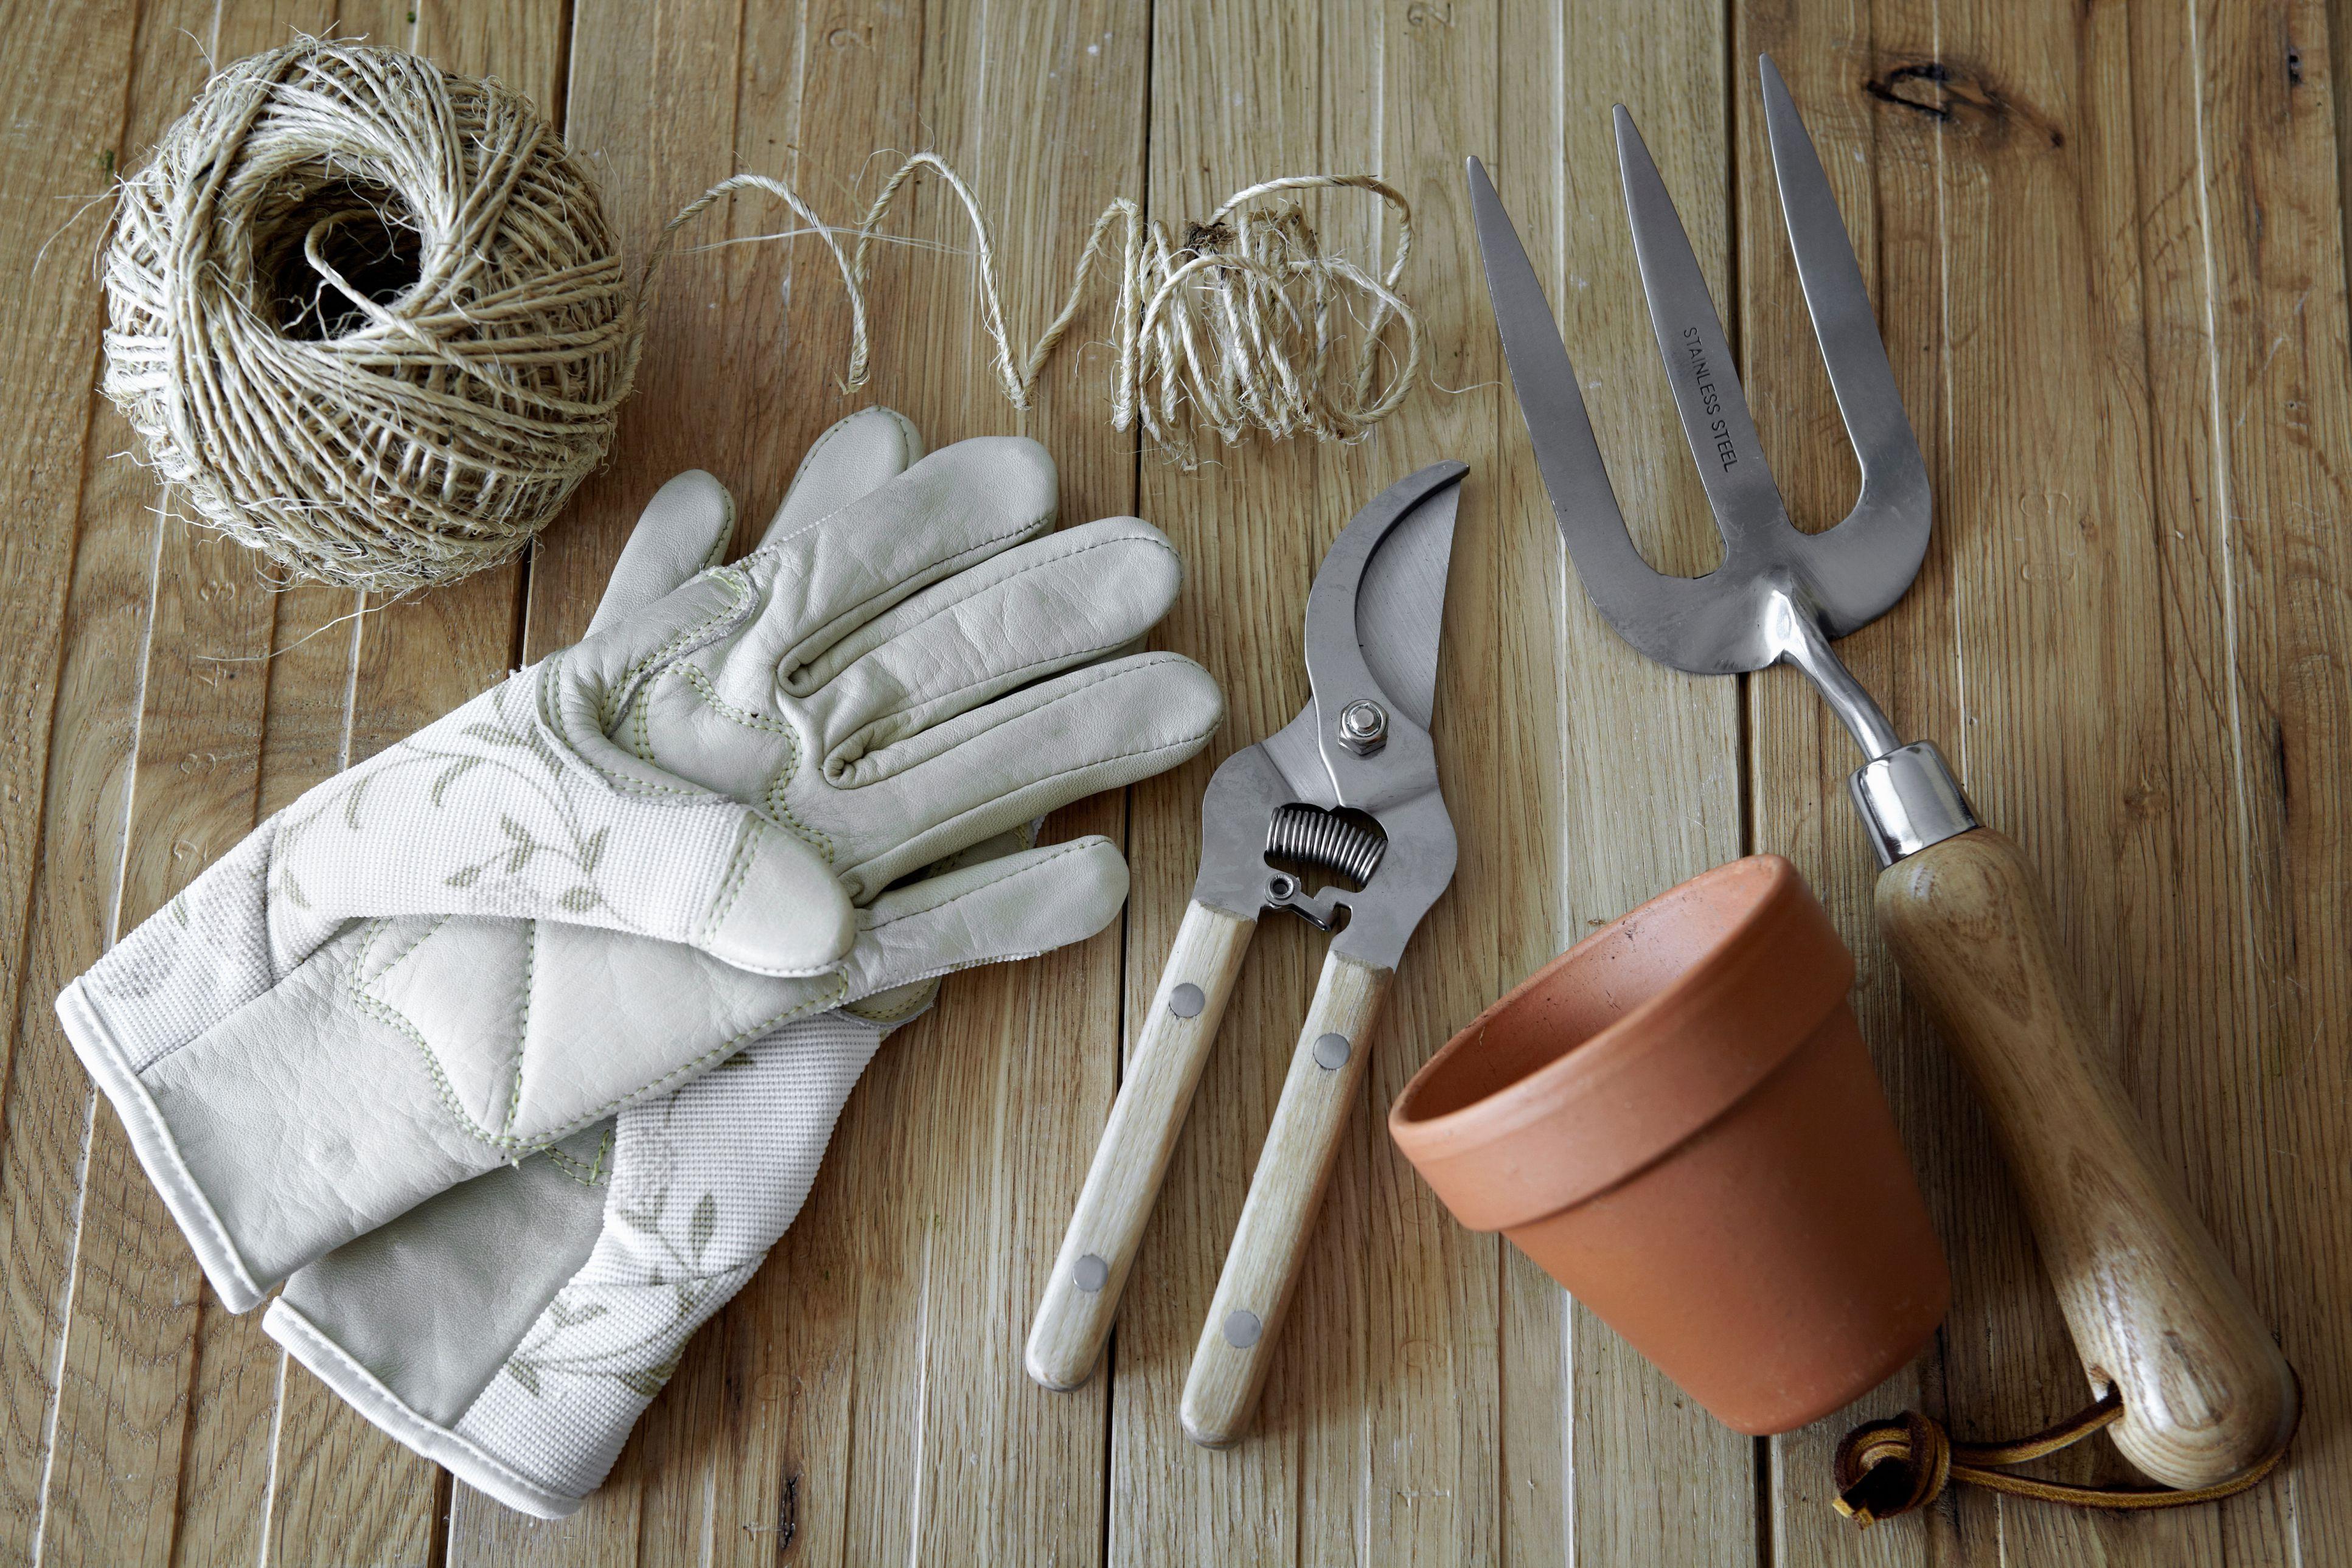 Guantes de jardinería, podadoras, macetas y cordeles sobre una mesa .